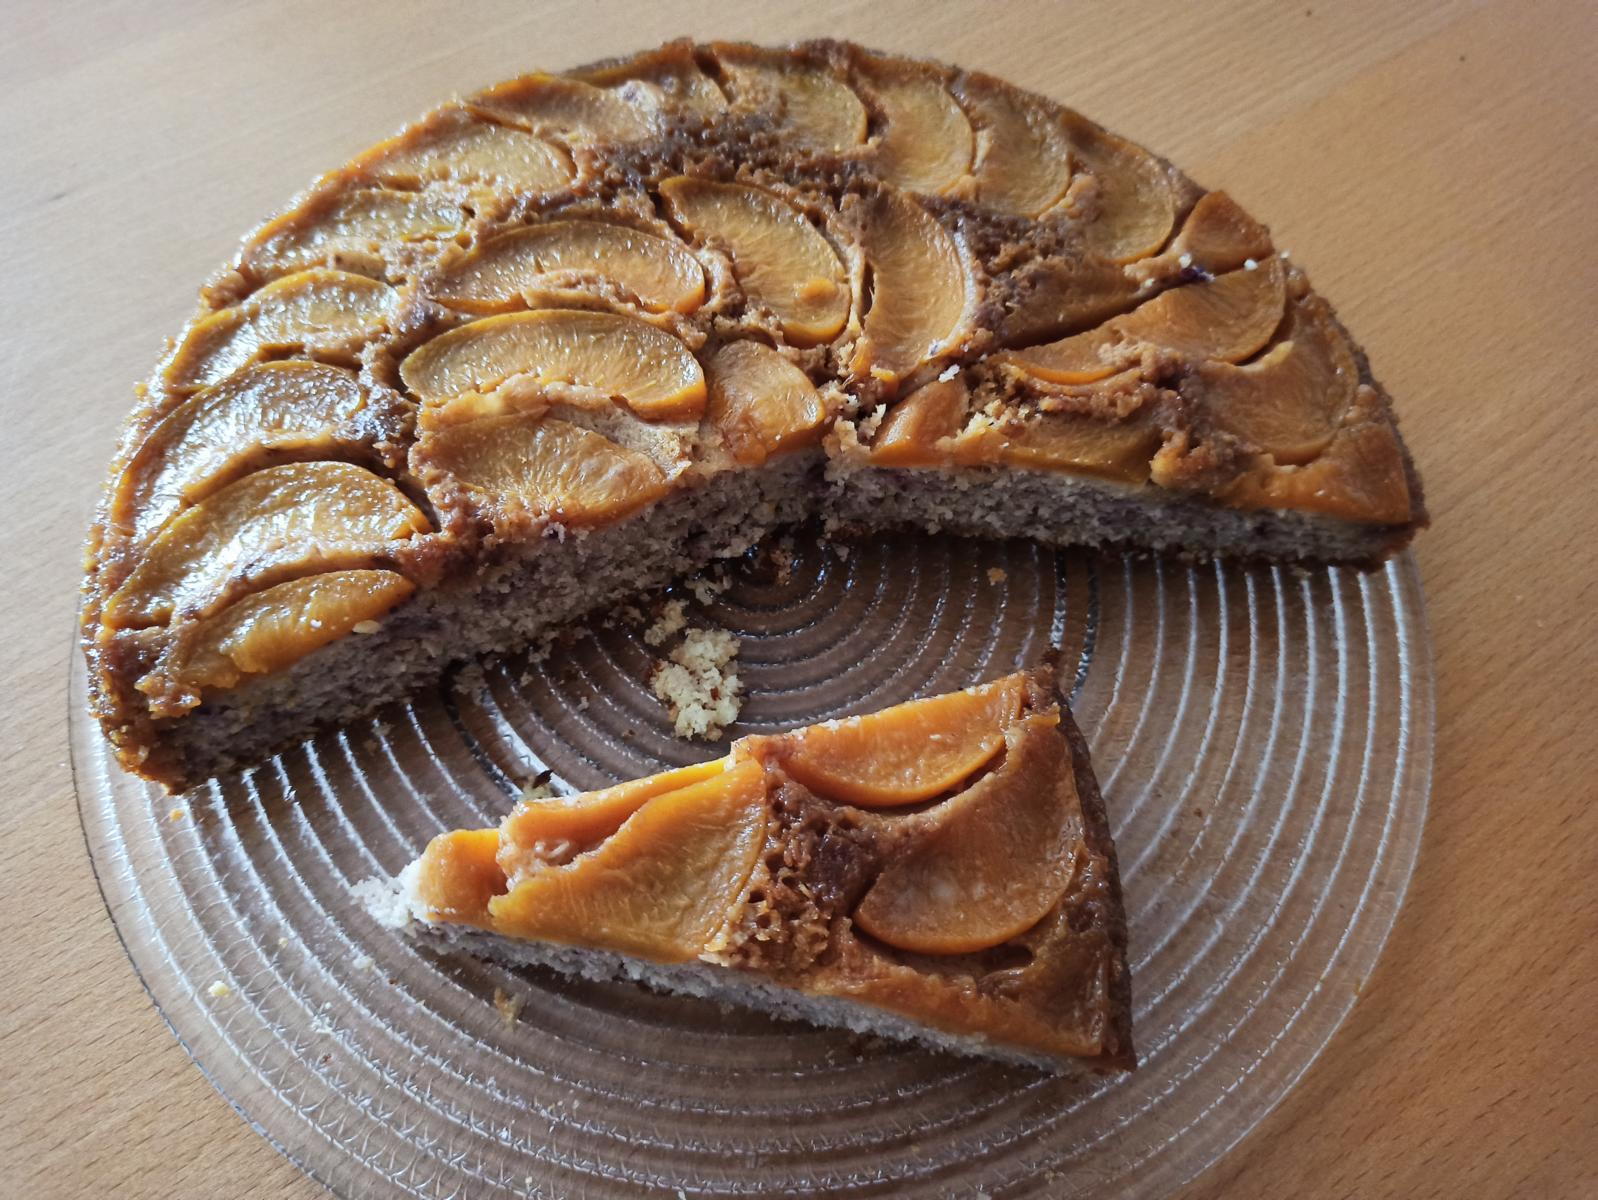 K1600_Pfirsischkuchen upside (2)